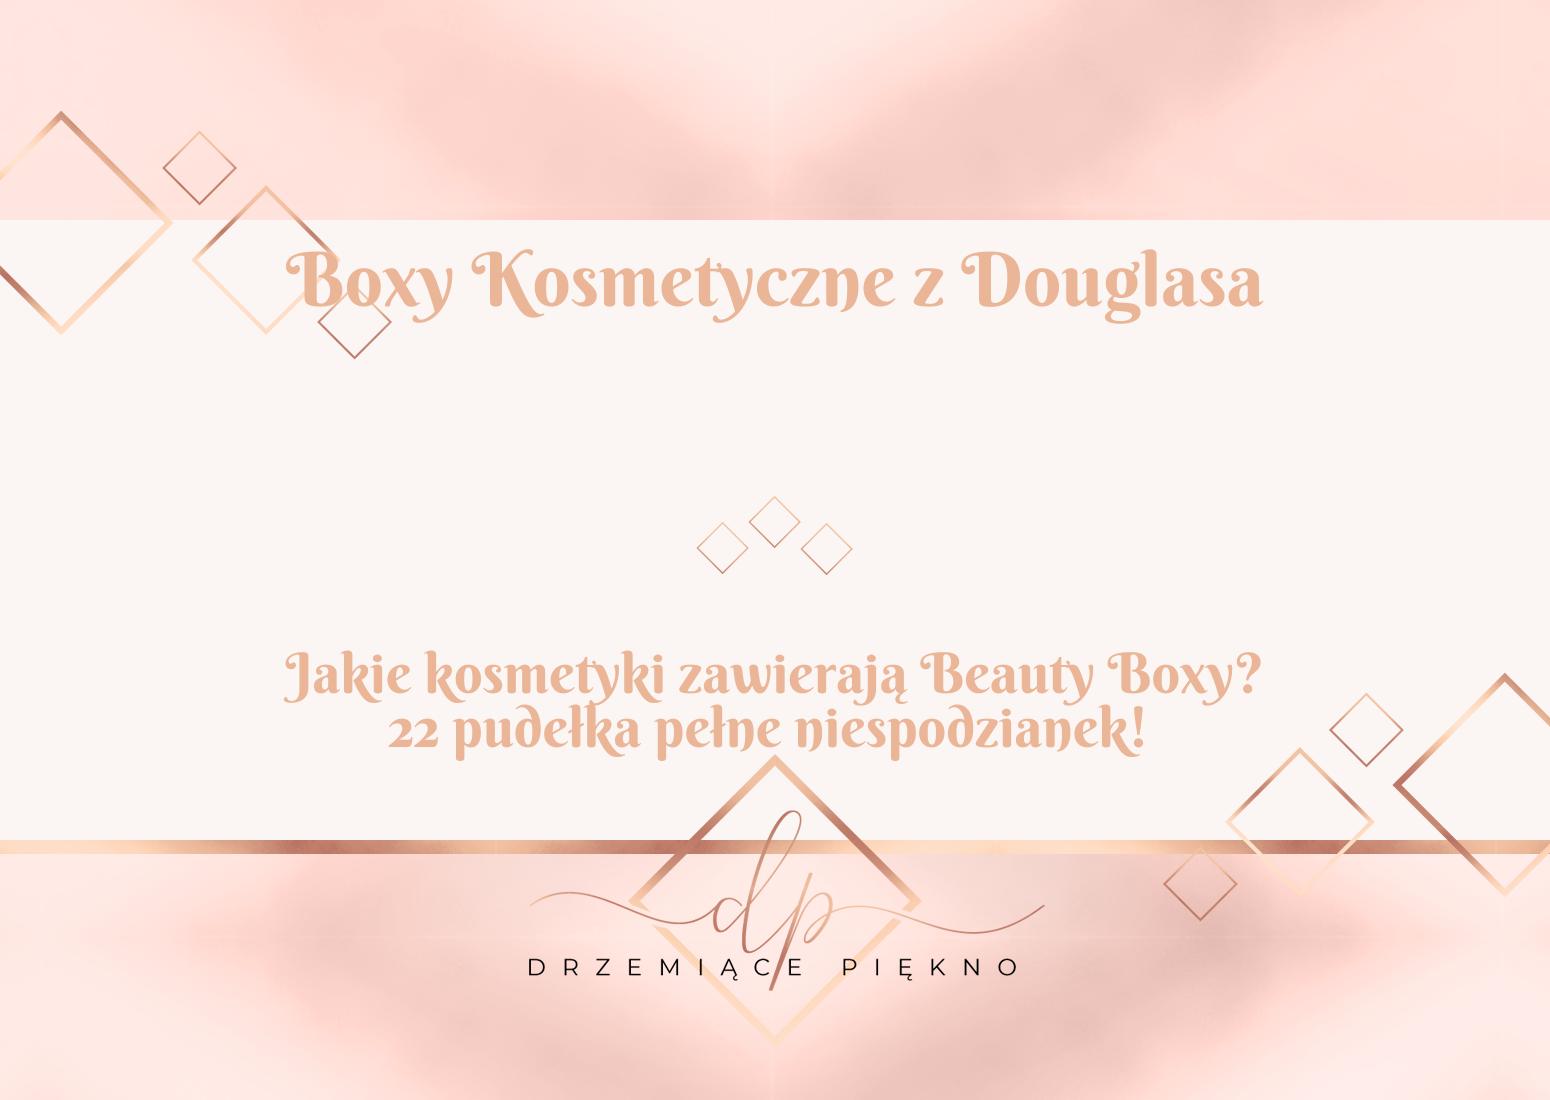 Box z kosmetykami Douglas - Beauty Box Douglas, 22 wersje pudełek dostępnych online